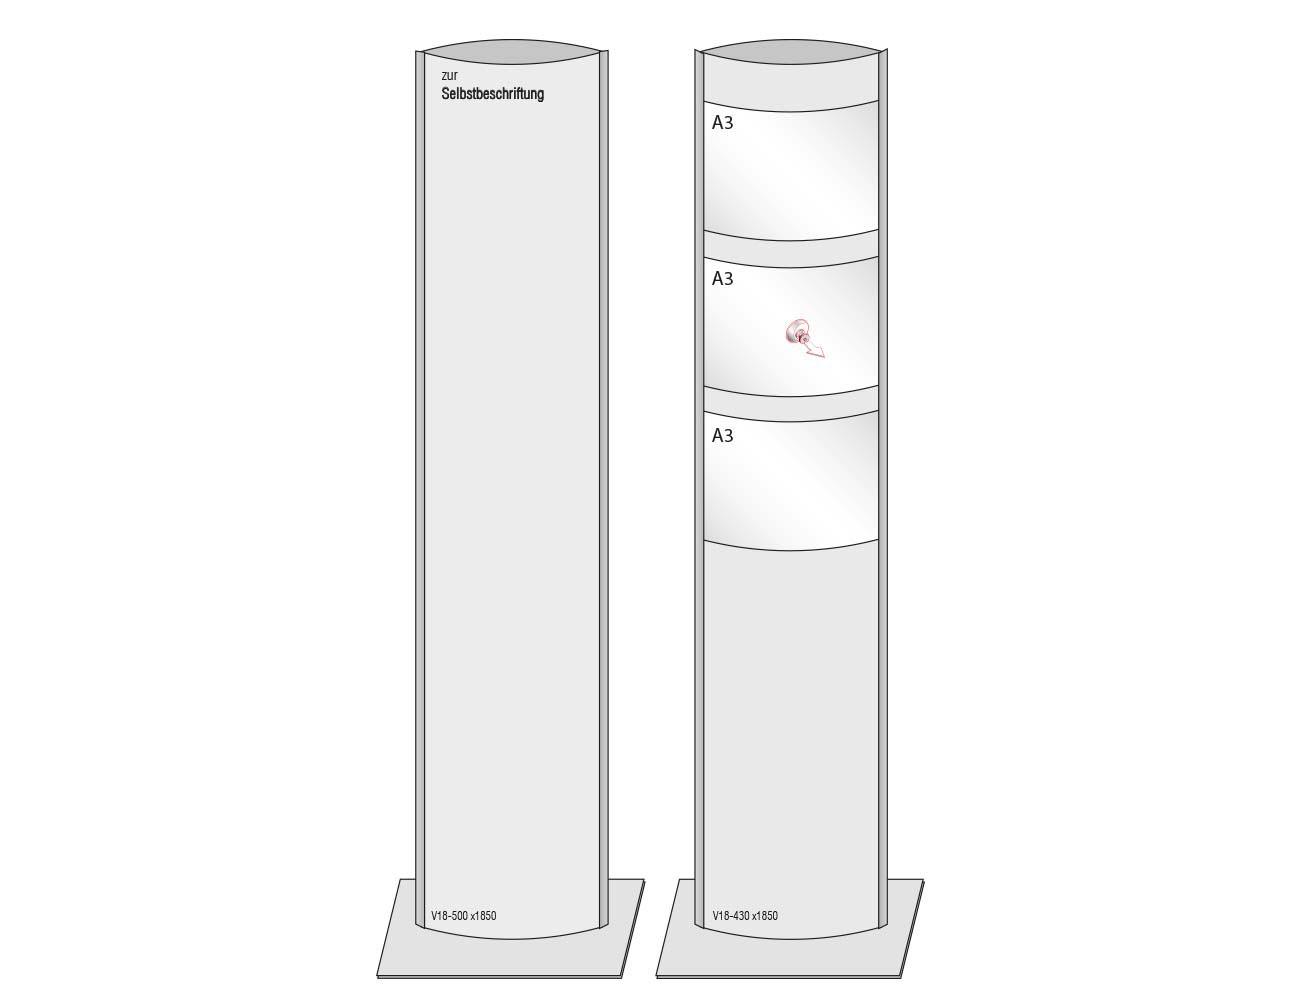 """VEXO """"Infostele mit 2x A3 Einlegern"""", V18-430 x 1500 mm"""